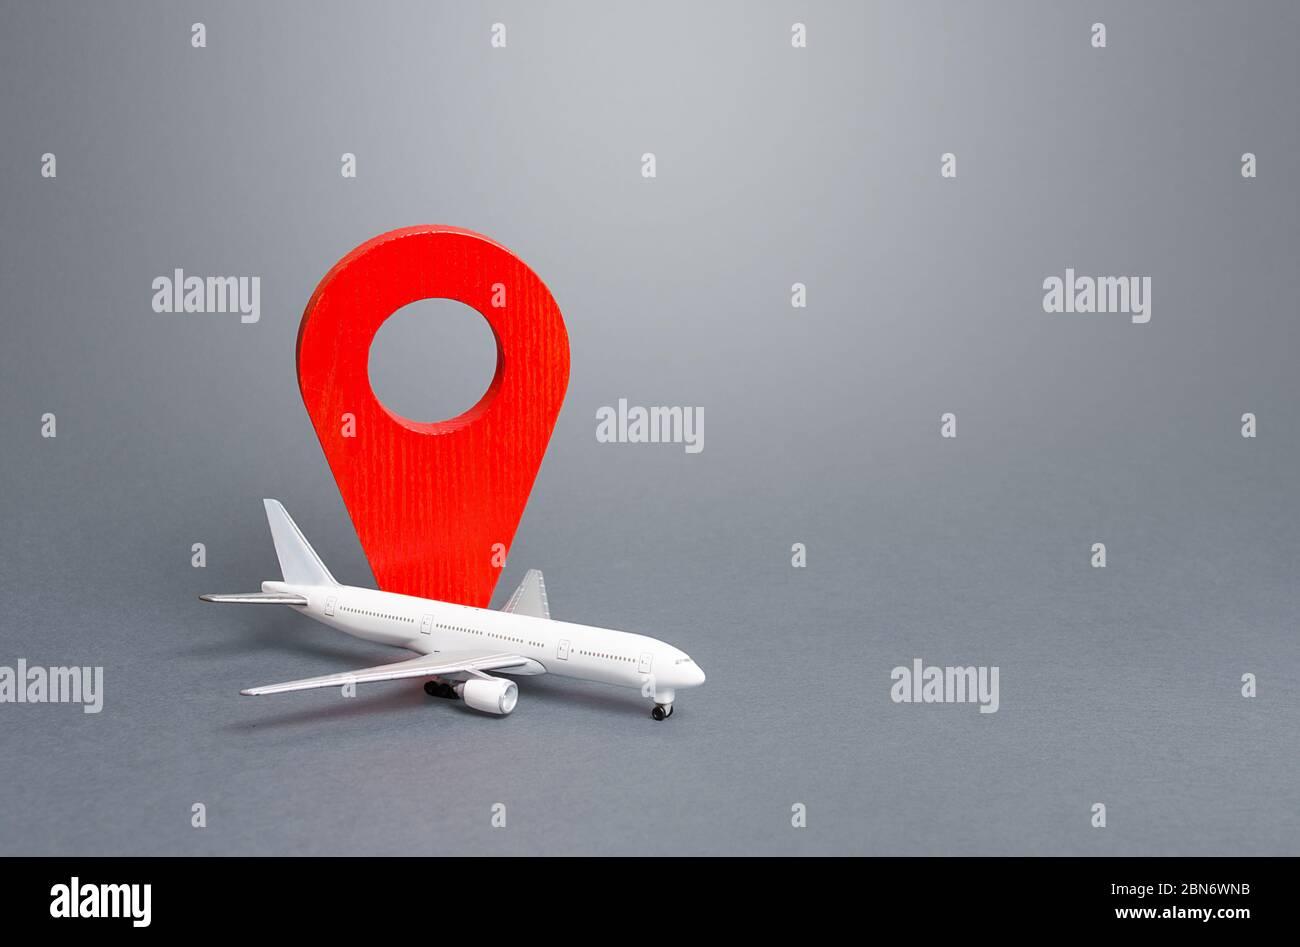 Avión de pasajeros e indicador de ubicación rojo. Viajes aéreos. Nuevas normas para el transporte aéreo de pasajeros, medidas de cuarentena. Apoyo al programa financiero Foto de stock